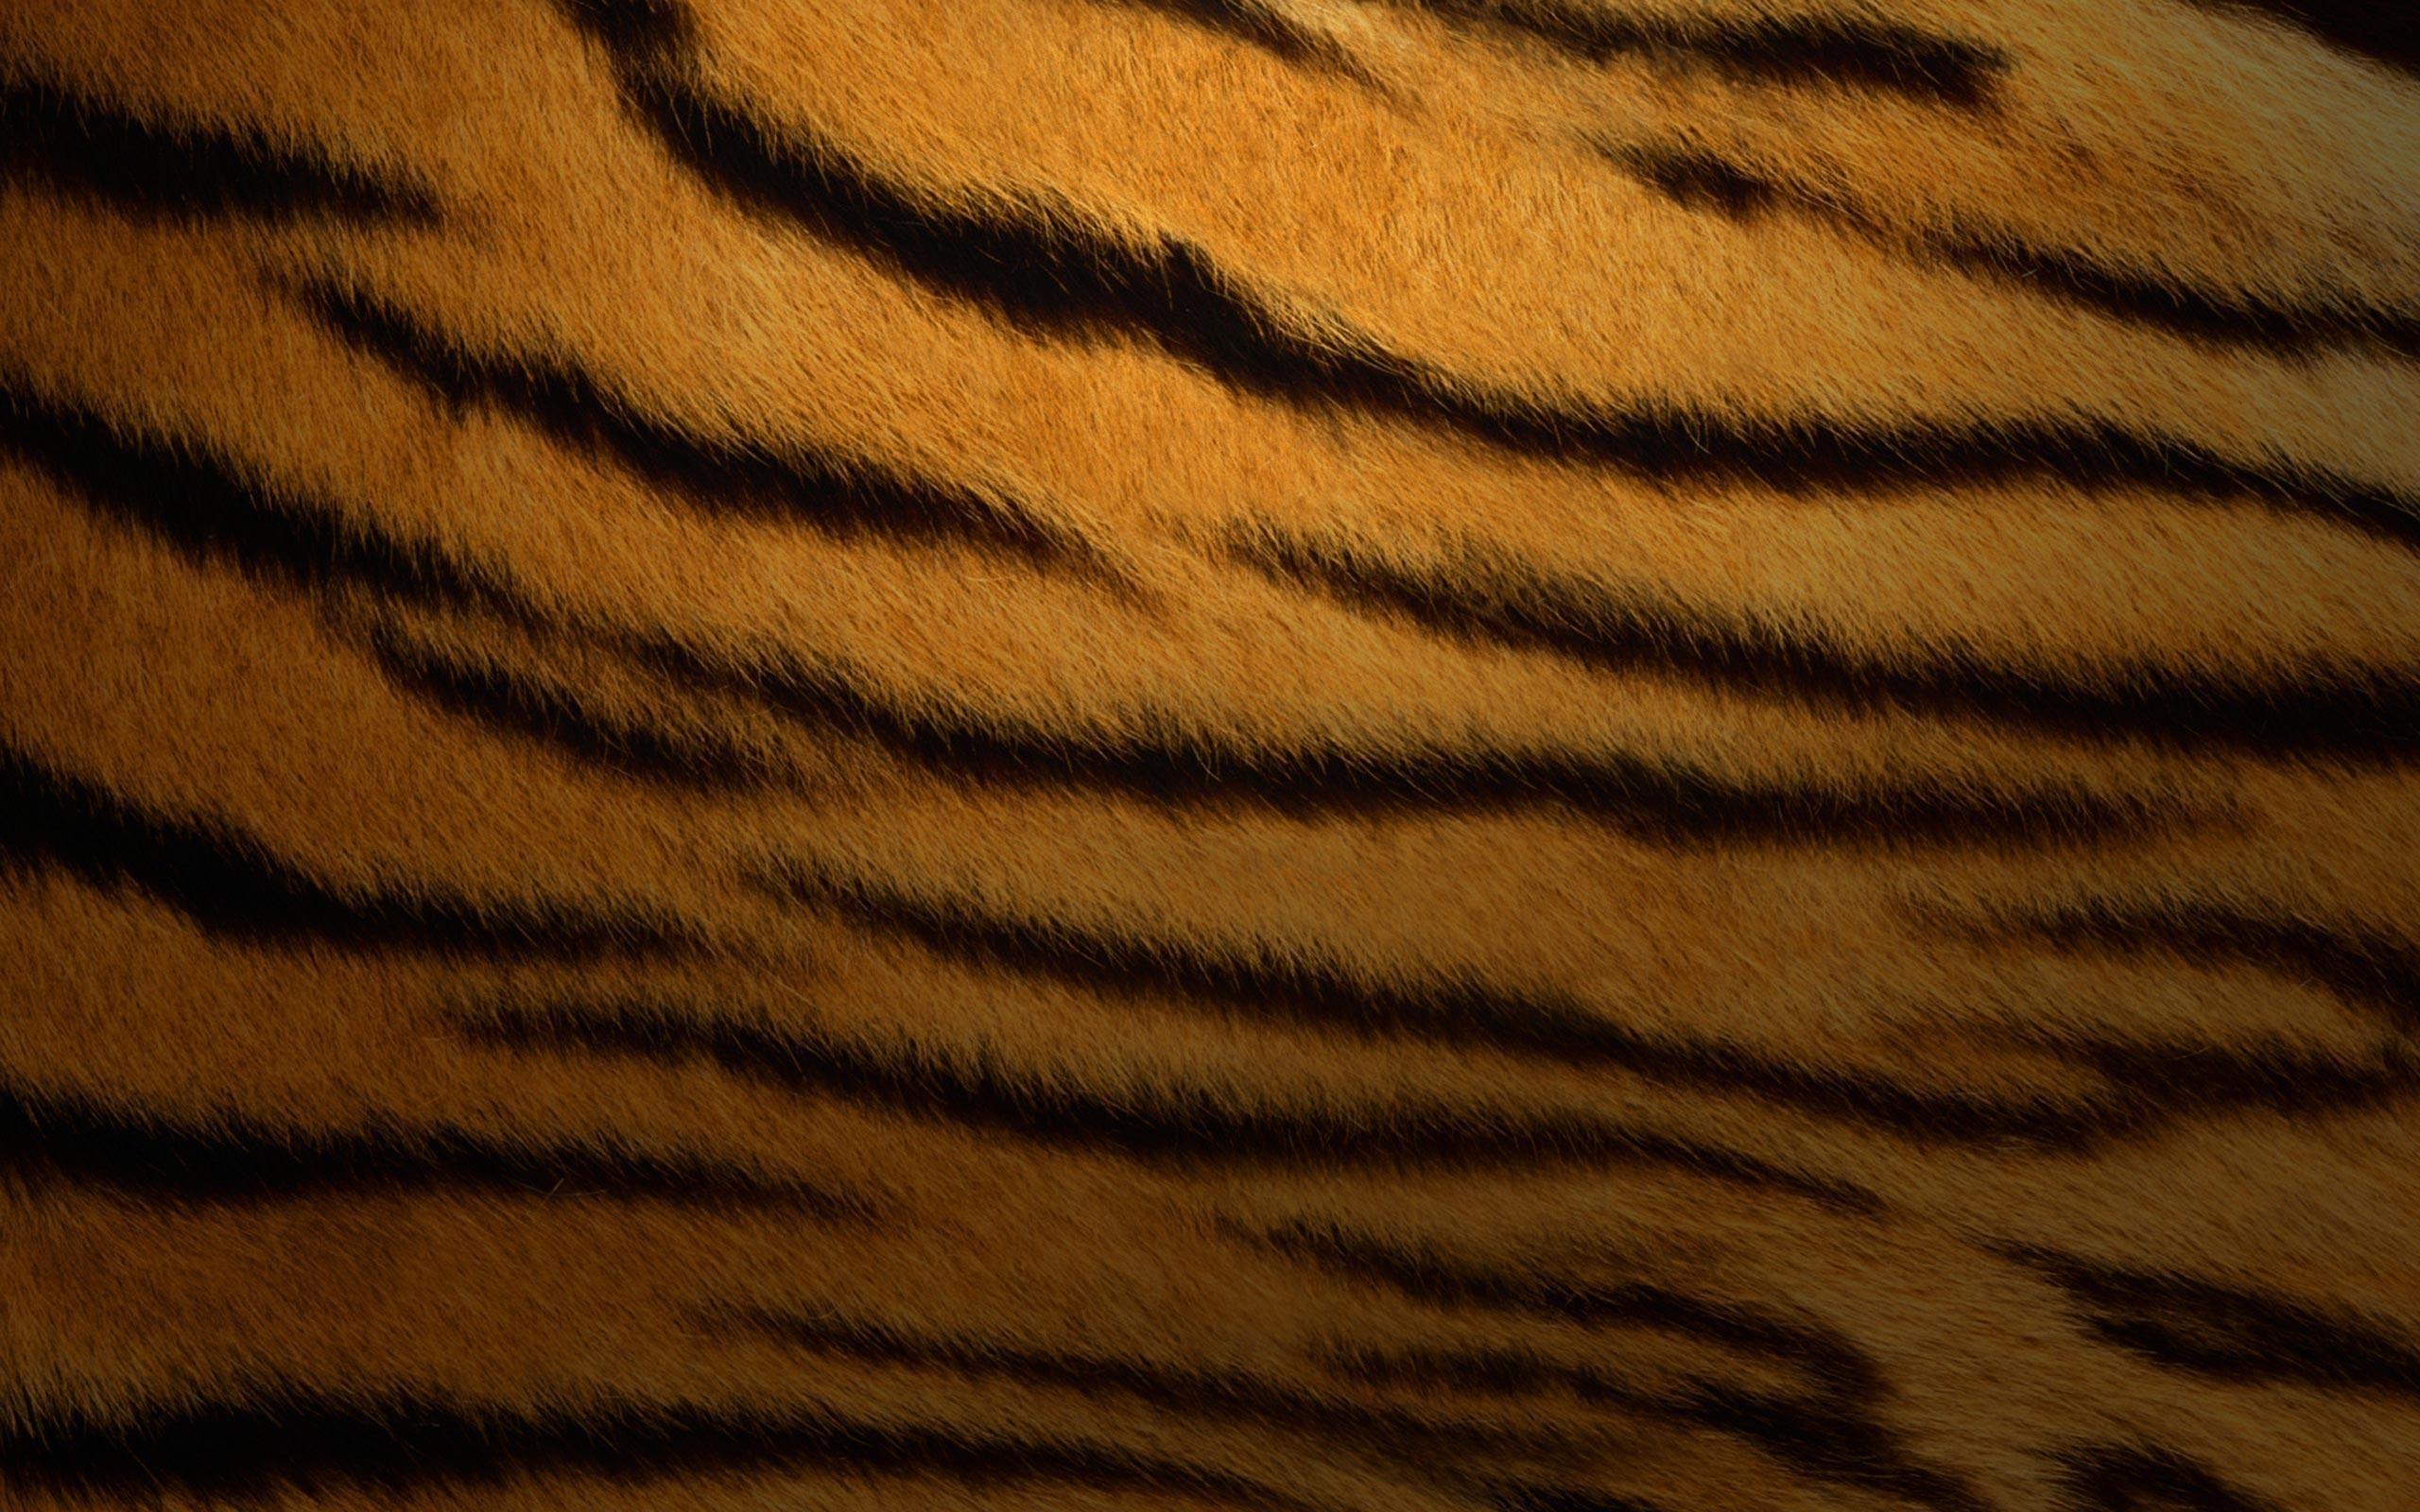 mac os x tiger wallpapers - wallpaper cave